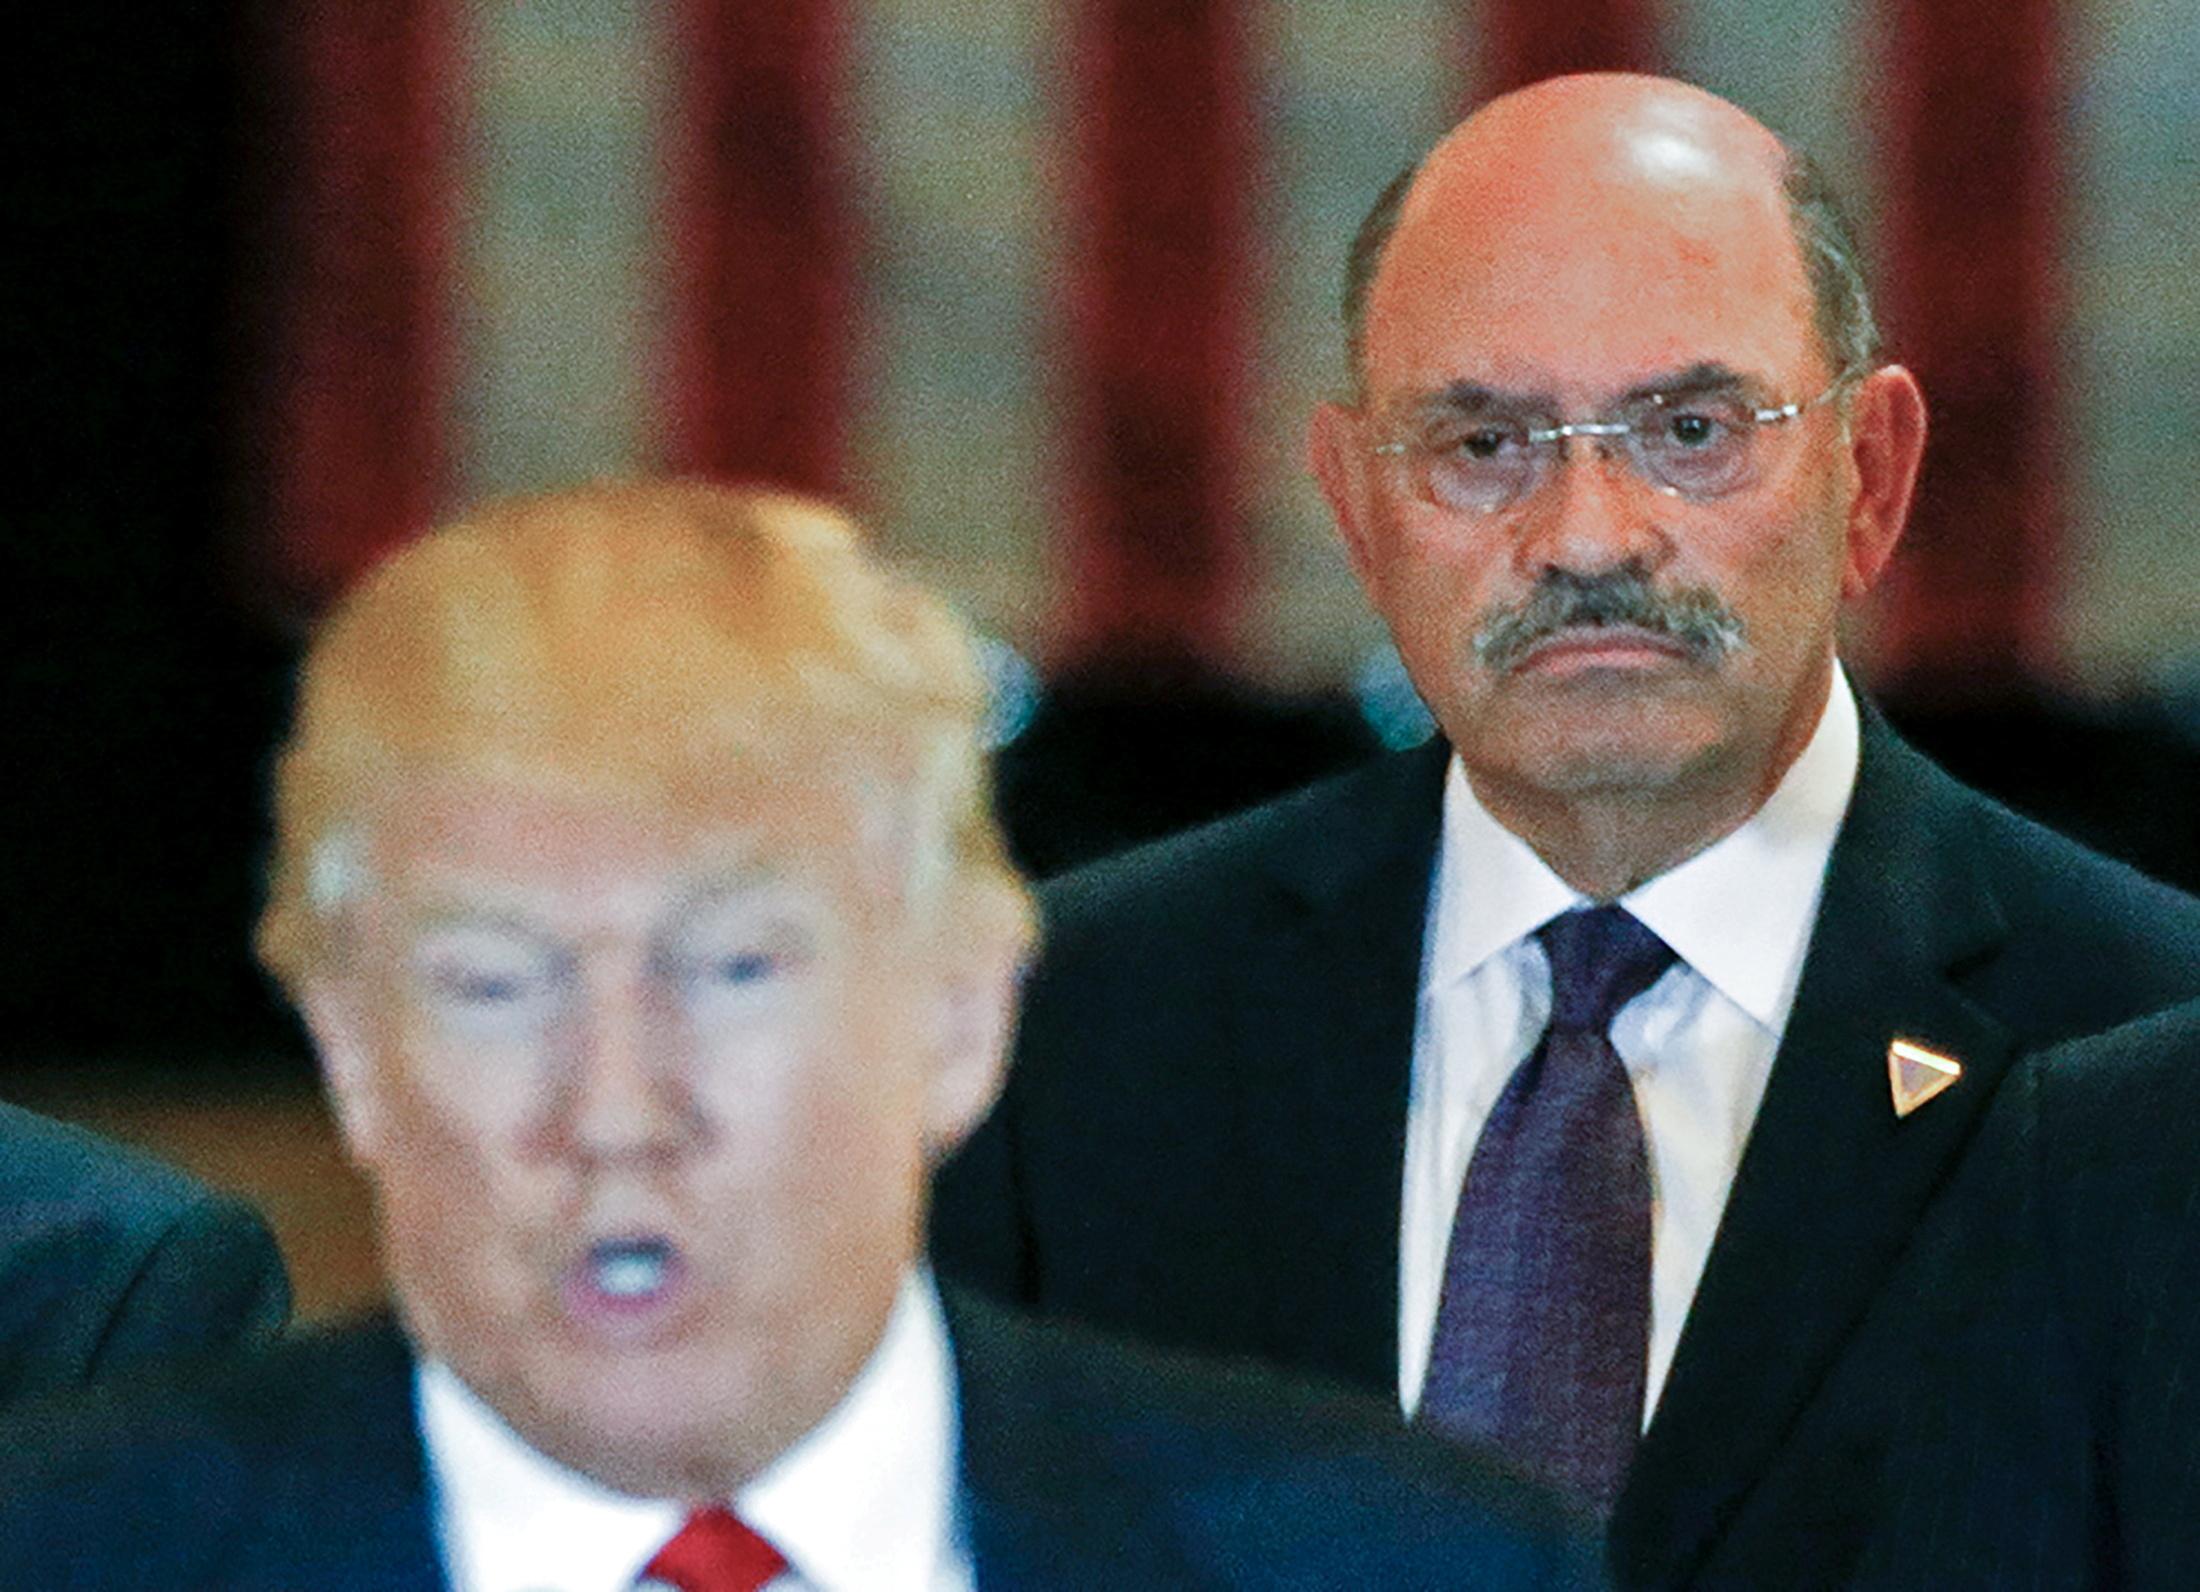 Κατηγορίες κατά του Trump Organization και του οικονομικού διευθυντή του ομίλου από την εισαγγελία του Μανχάταν